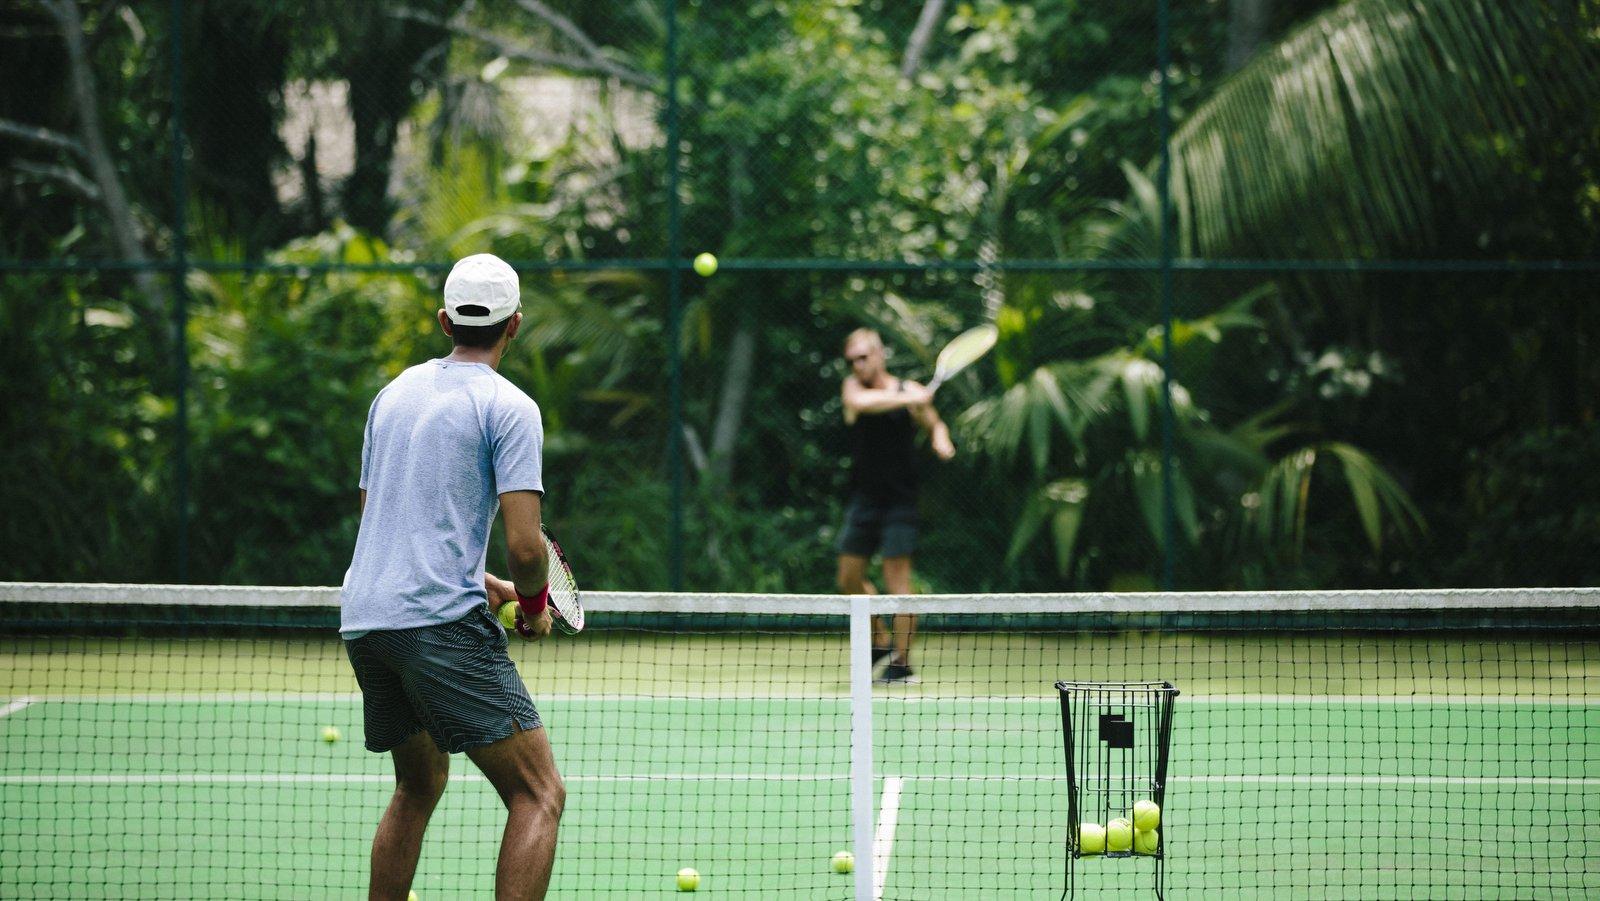 Мальдивы, отель Anantara Kihavah Maldives Villas, теннисный корт